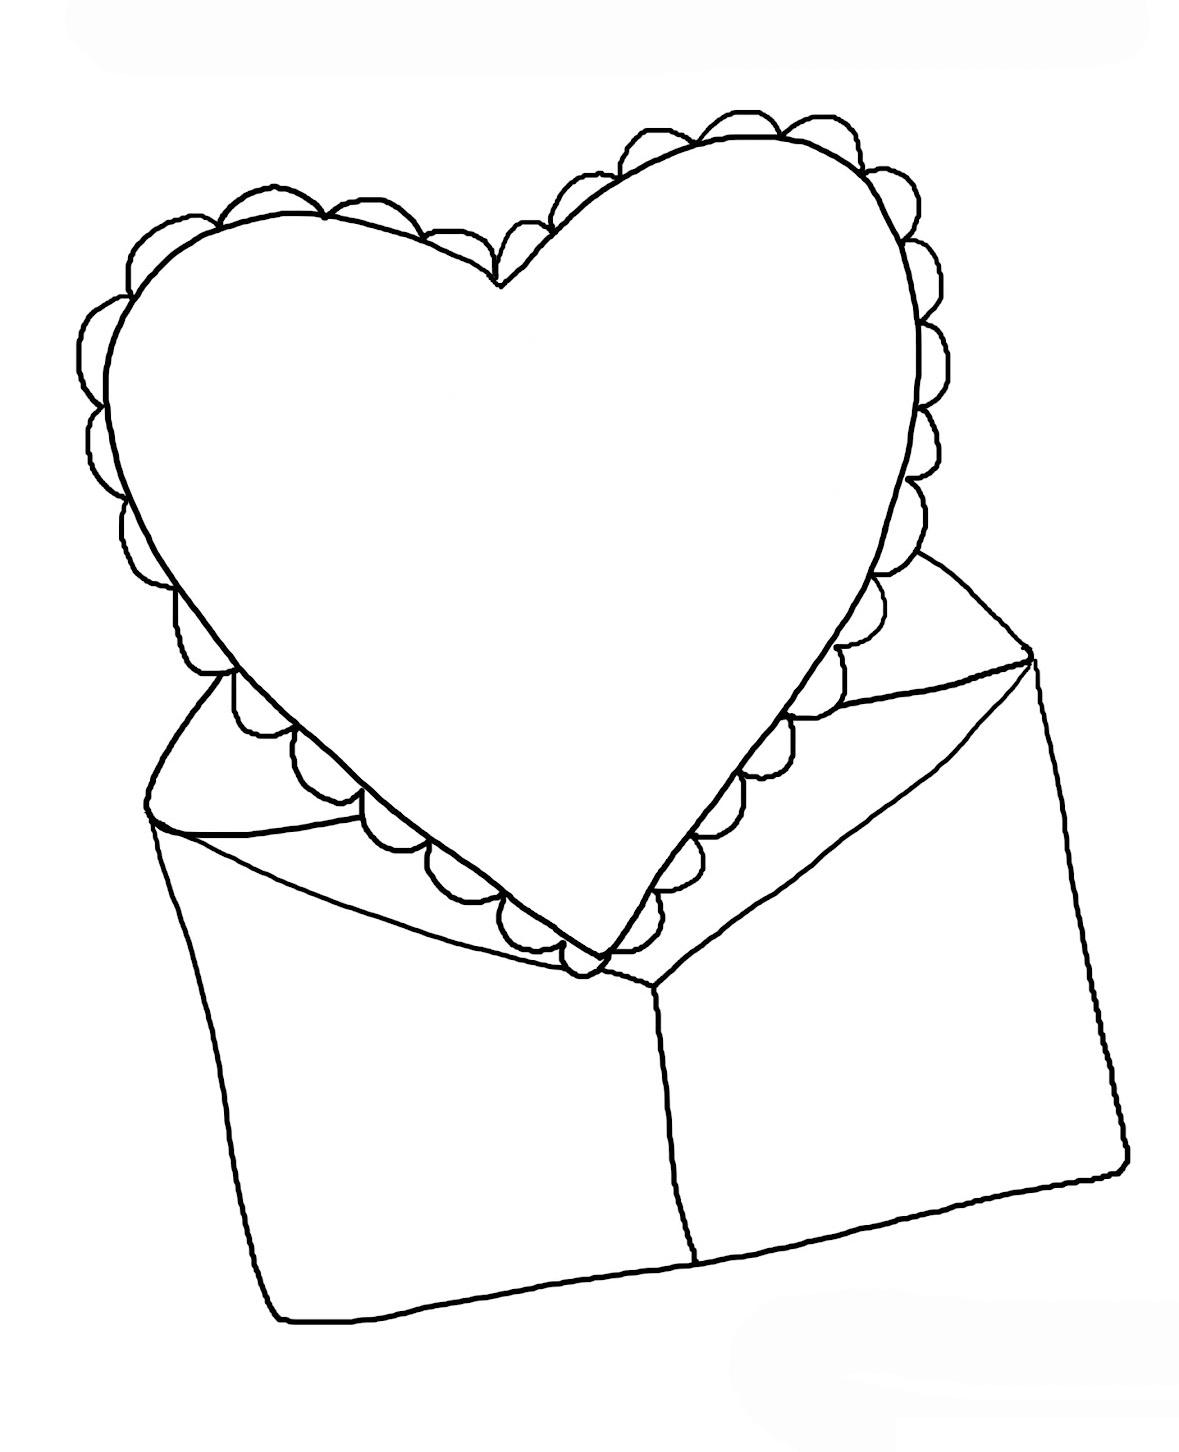 святом как нарисовать открытку на день рождения сердце задумку